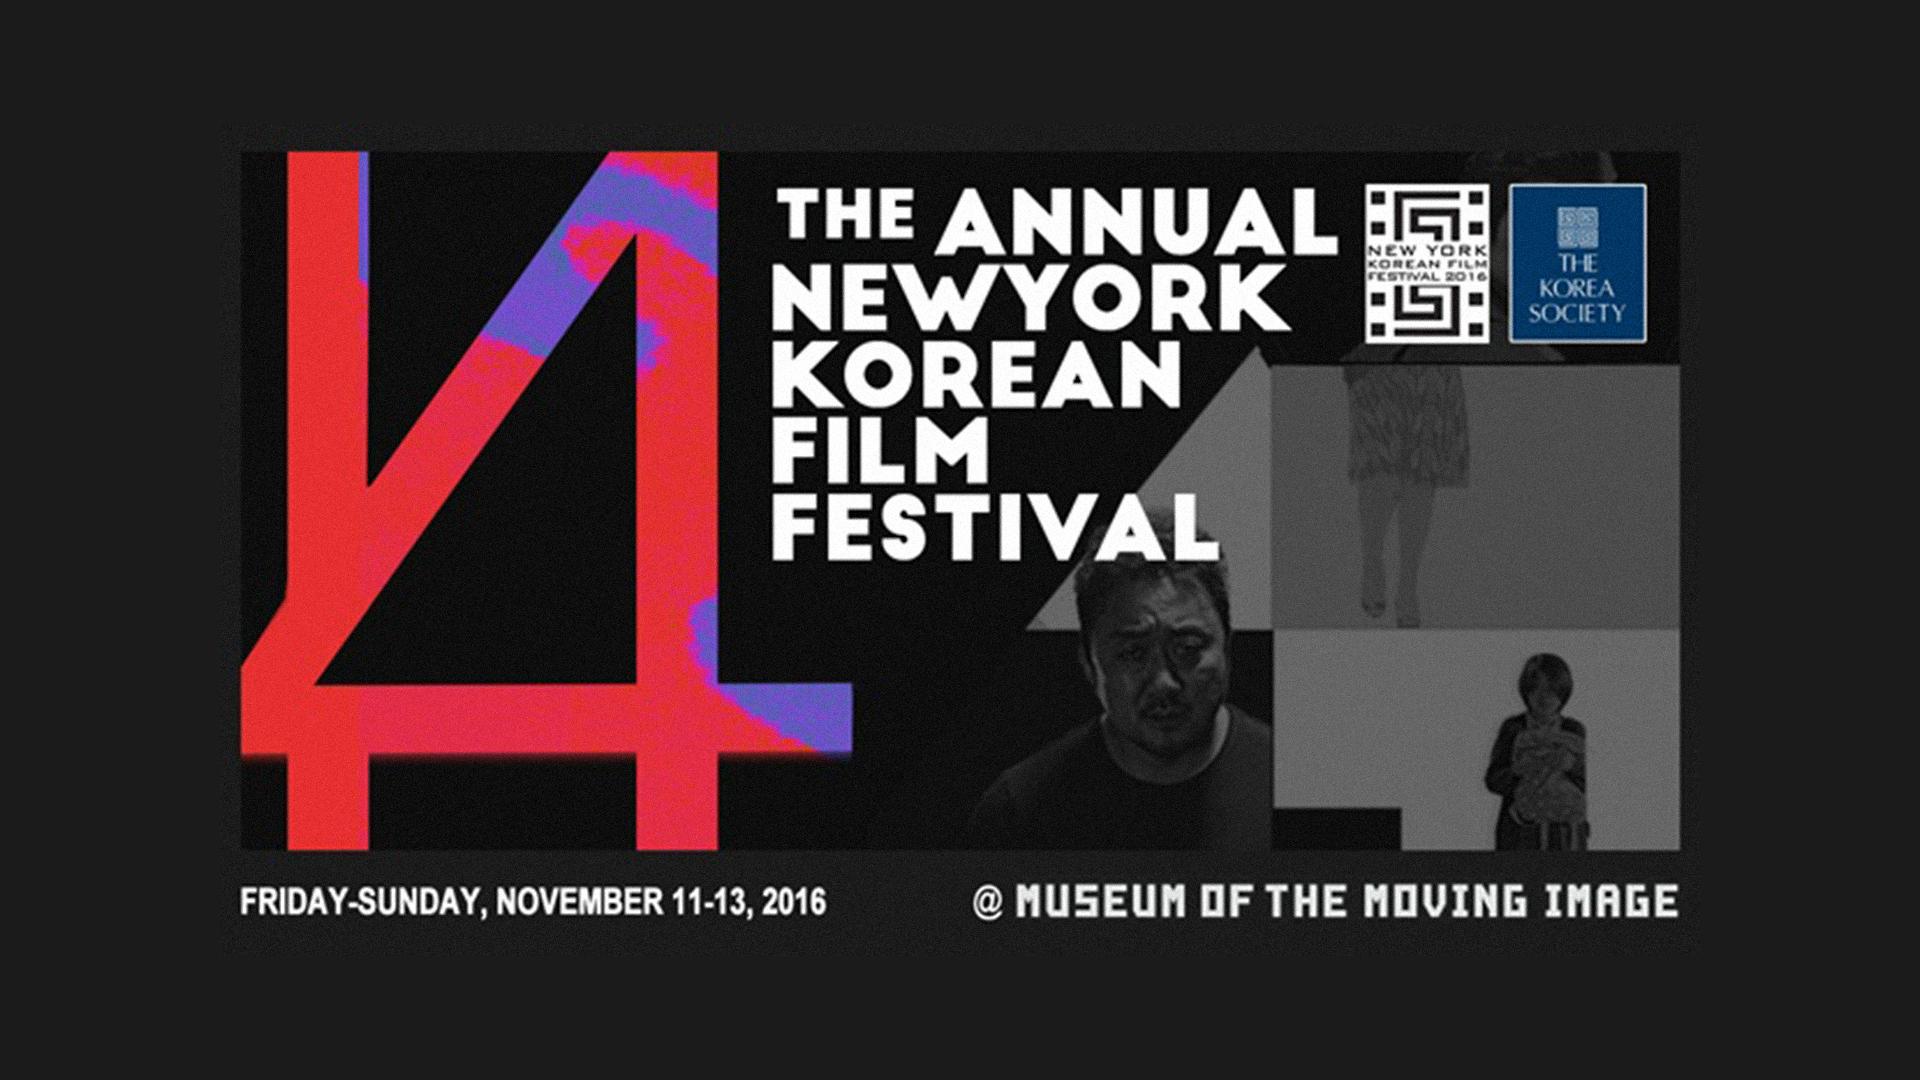 [NYKFF 2016] La 14e édition du New York Korean Film Festival arrive du 11 au 13 novembre